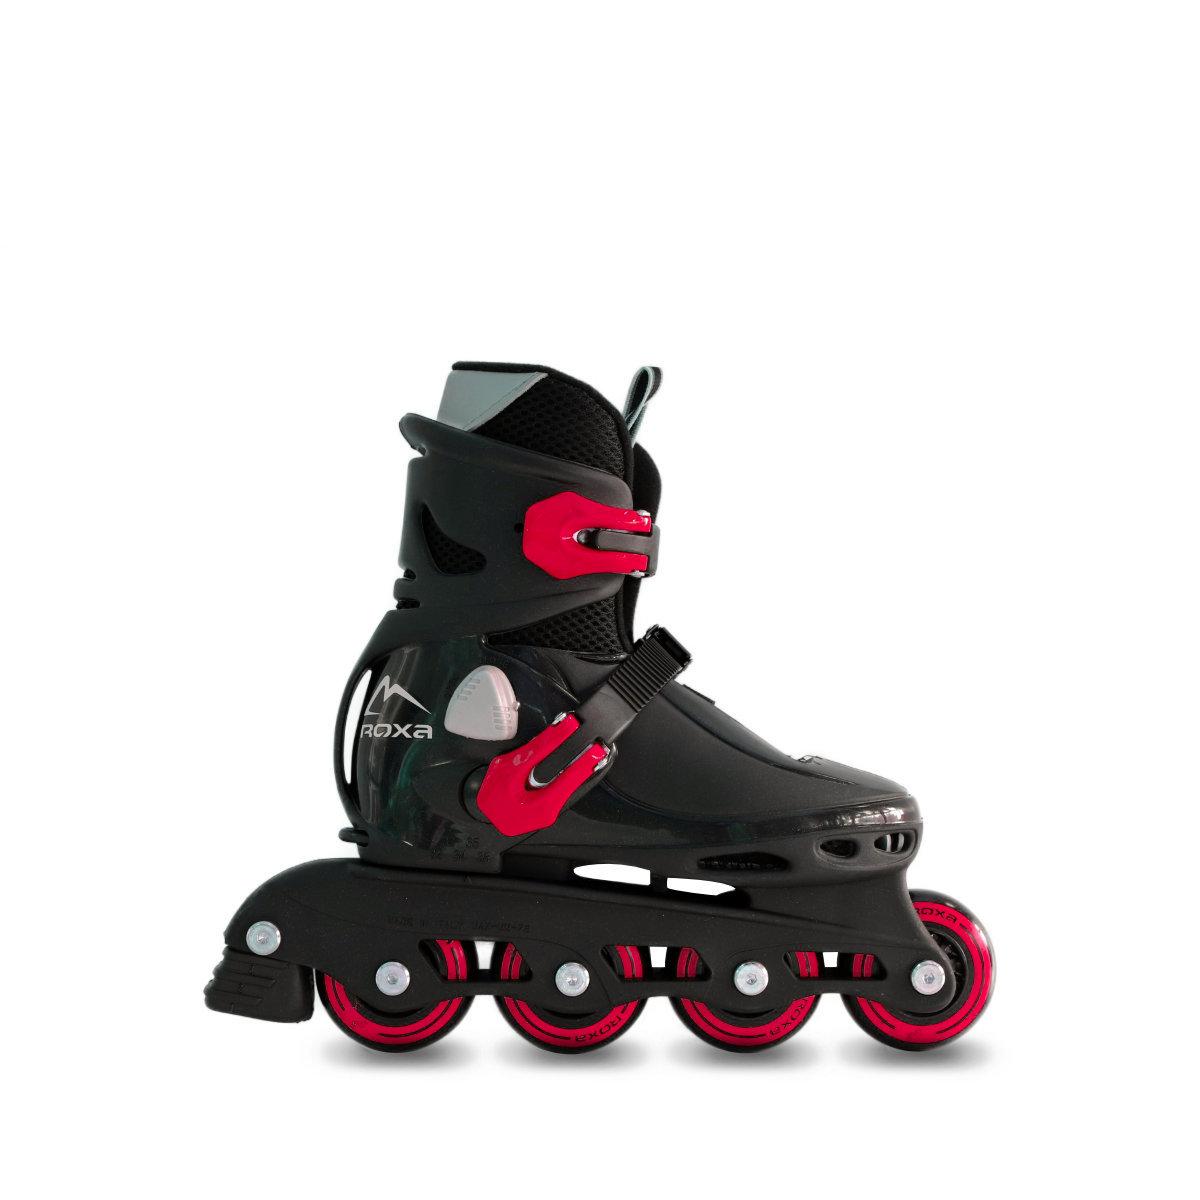 pattini-a-rotelle-bambino-allungabili-roxa-bettle-nero-rosso